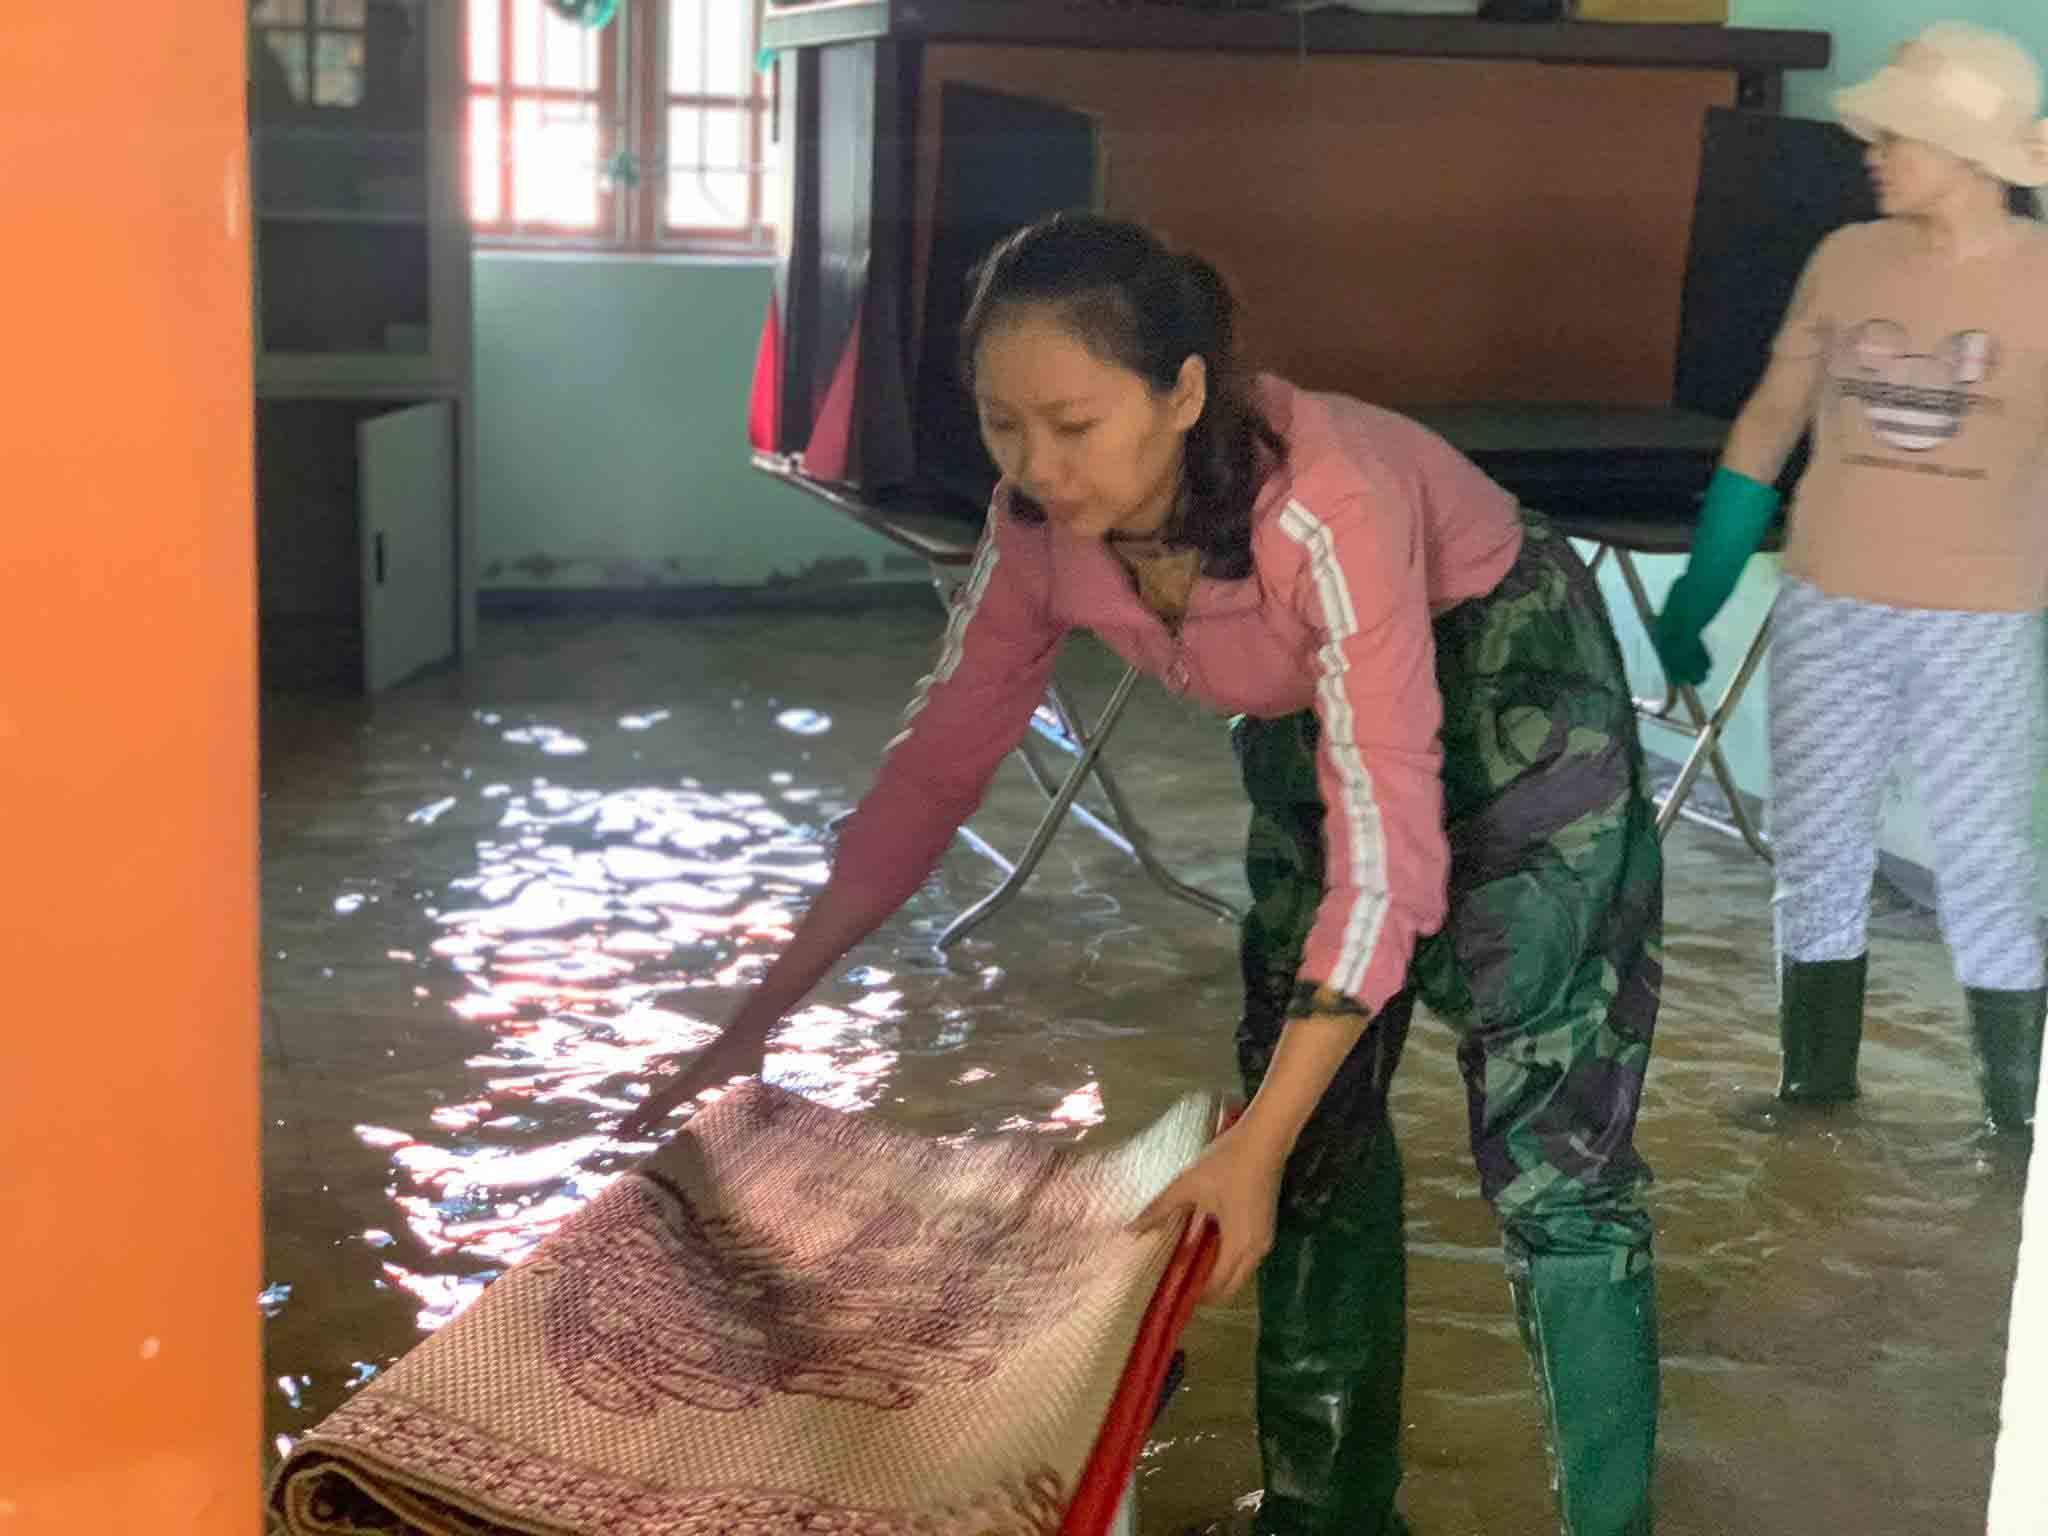 Giáo viên lội nước tìm sách vở, đợi học trò trở lại trường